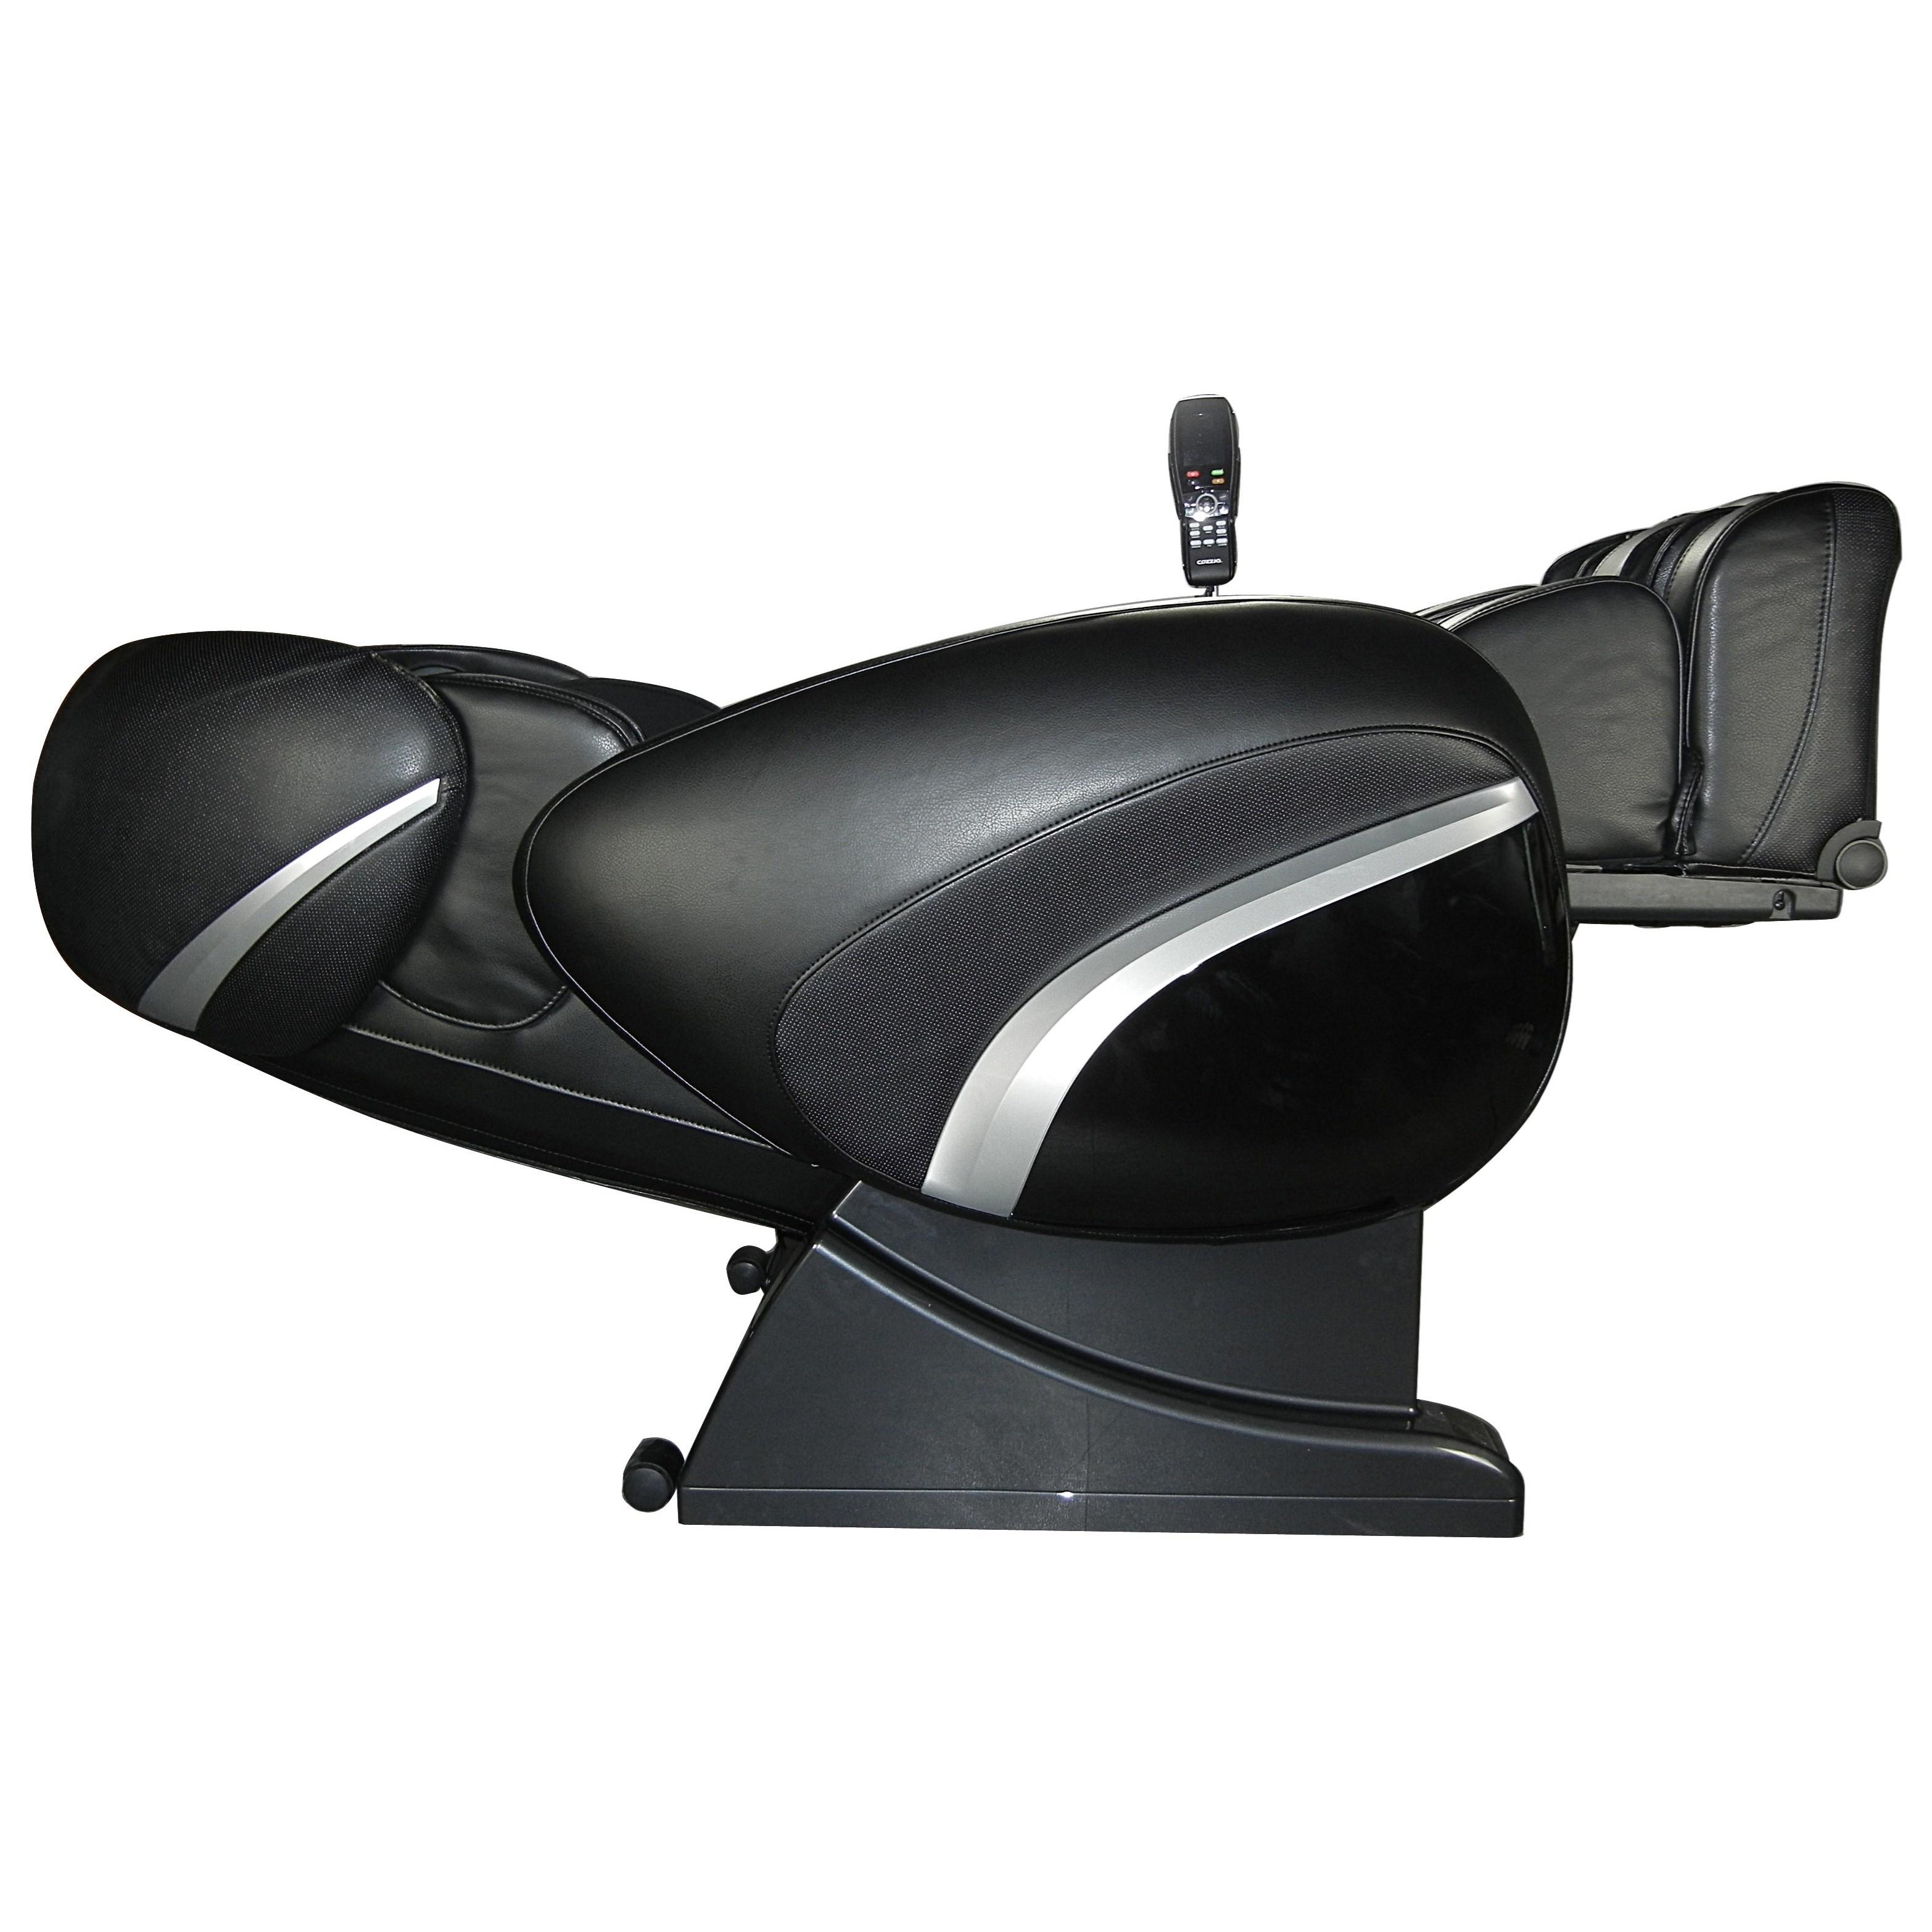 Cozzia Cz 3d Zero Gravity Ultimate Massage Chair Mueller